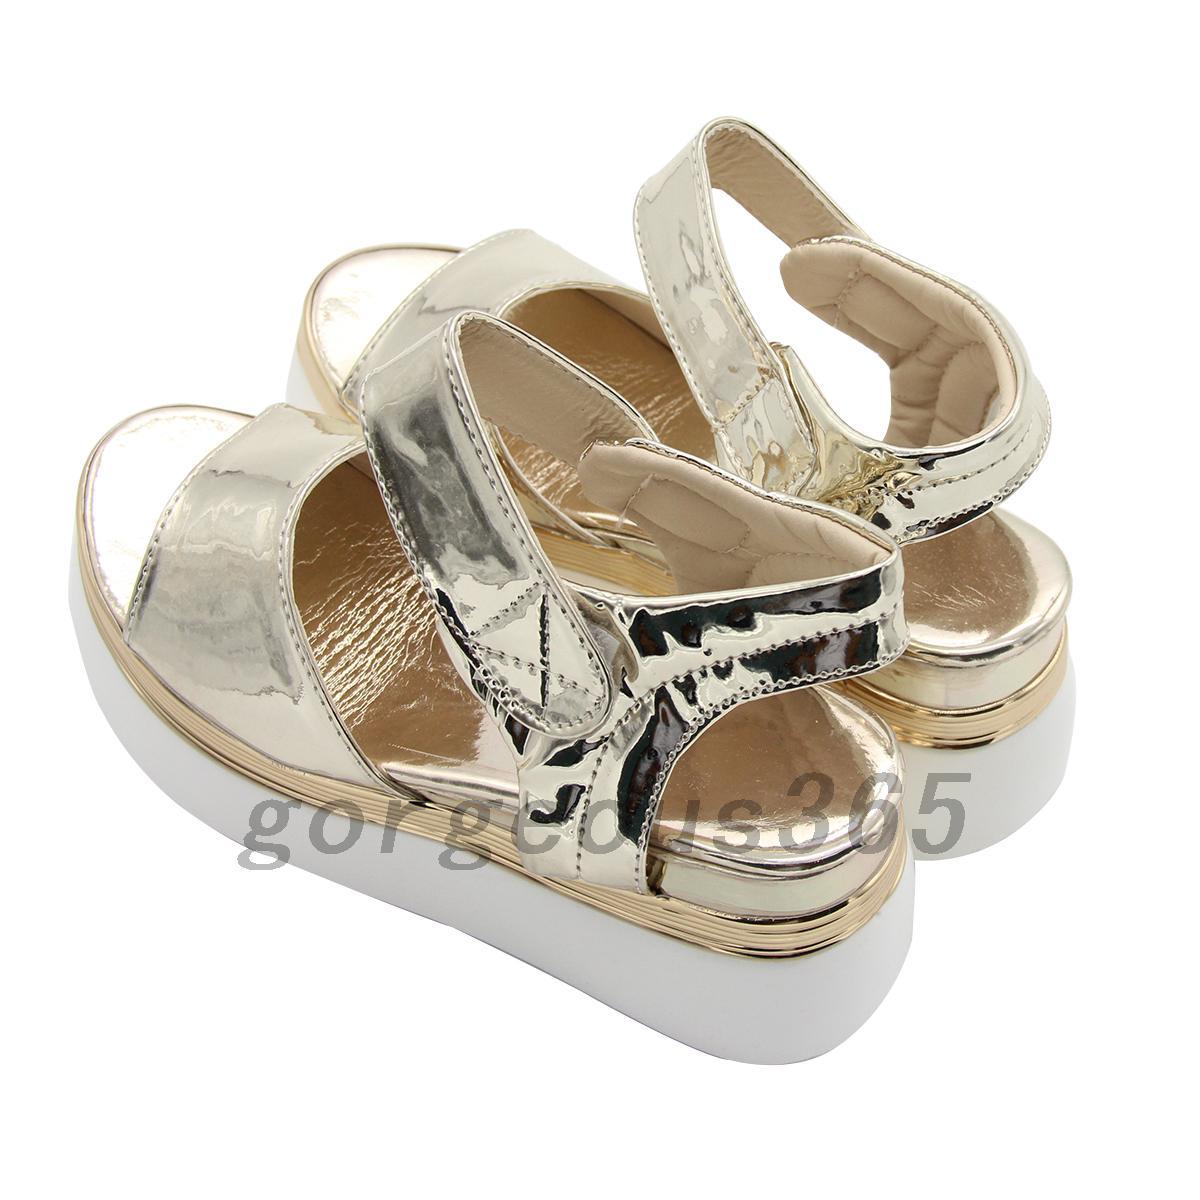 popular womens wedge high platform open toe sandals